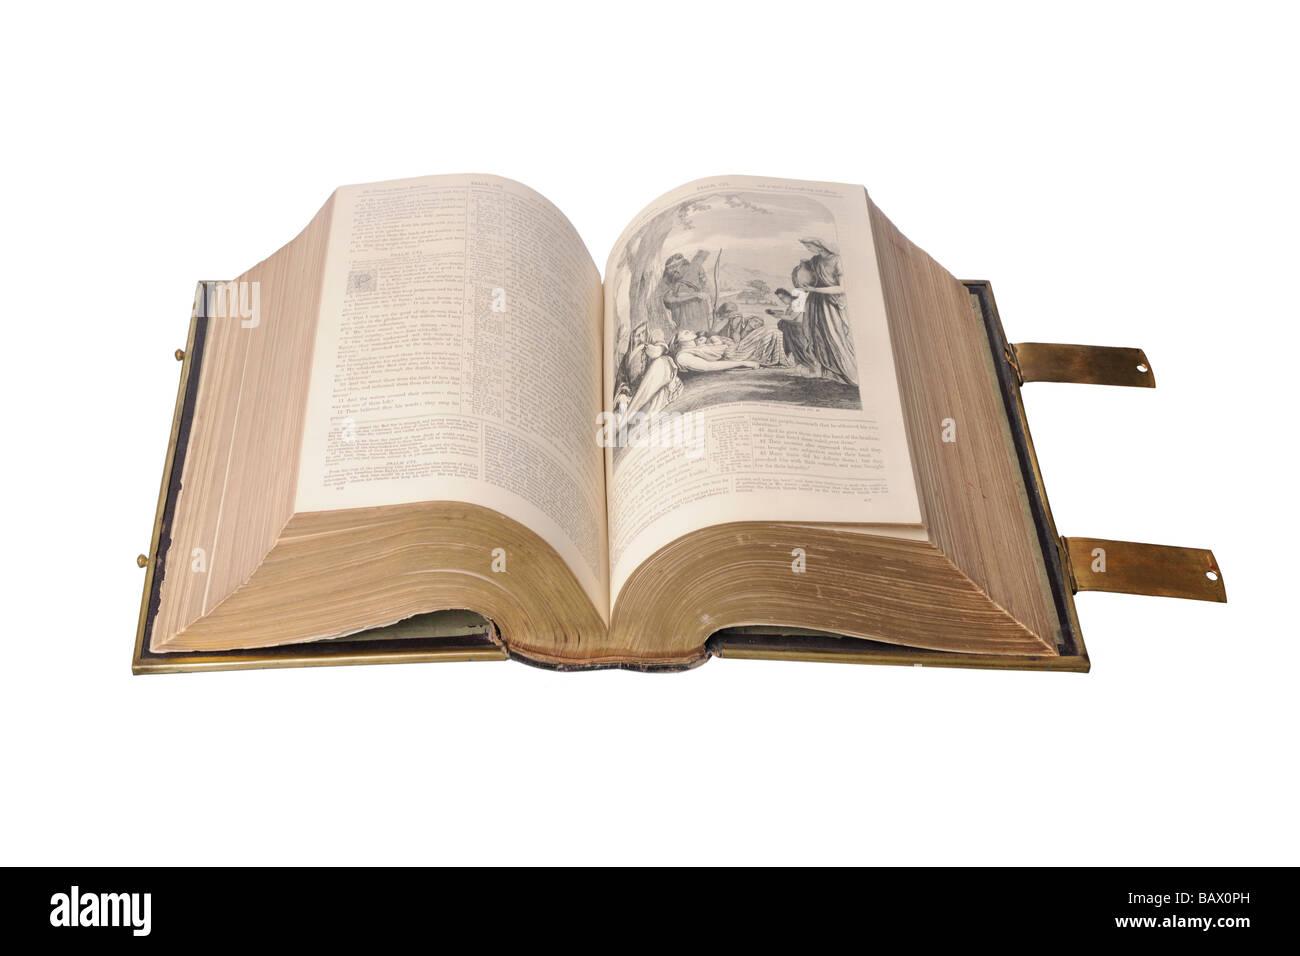 Antigua Santa Biblia Ilustrada Imagen De Stock